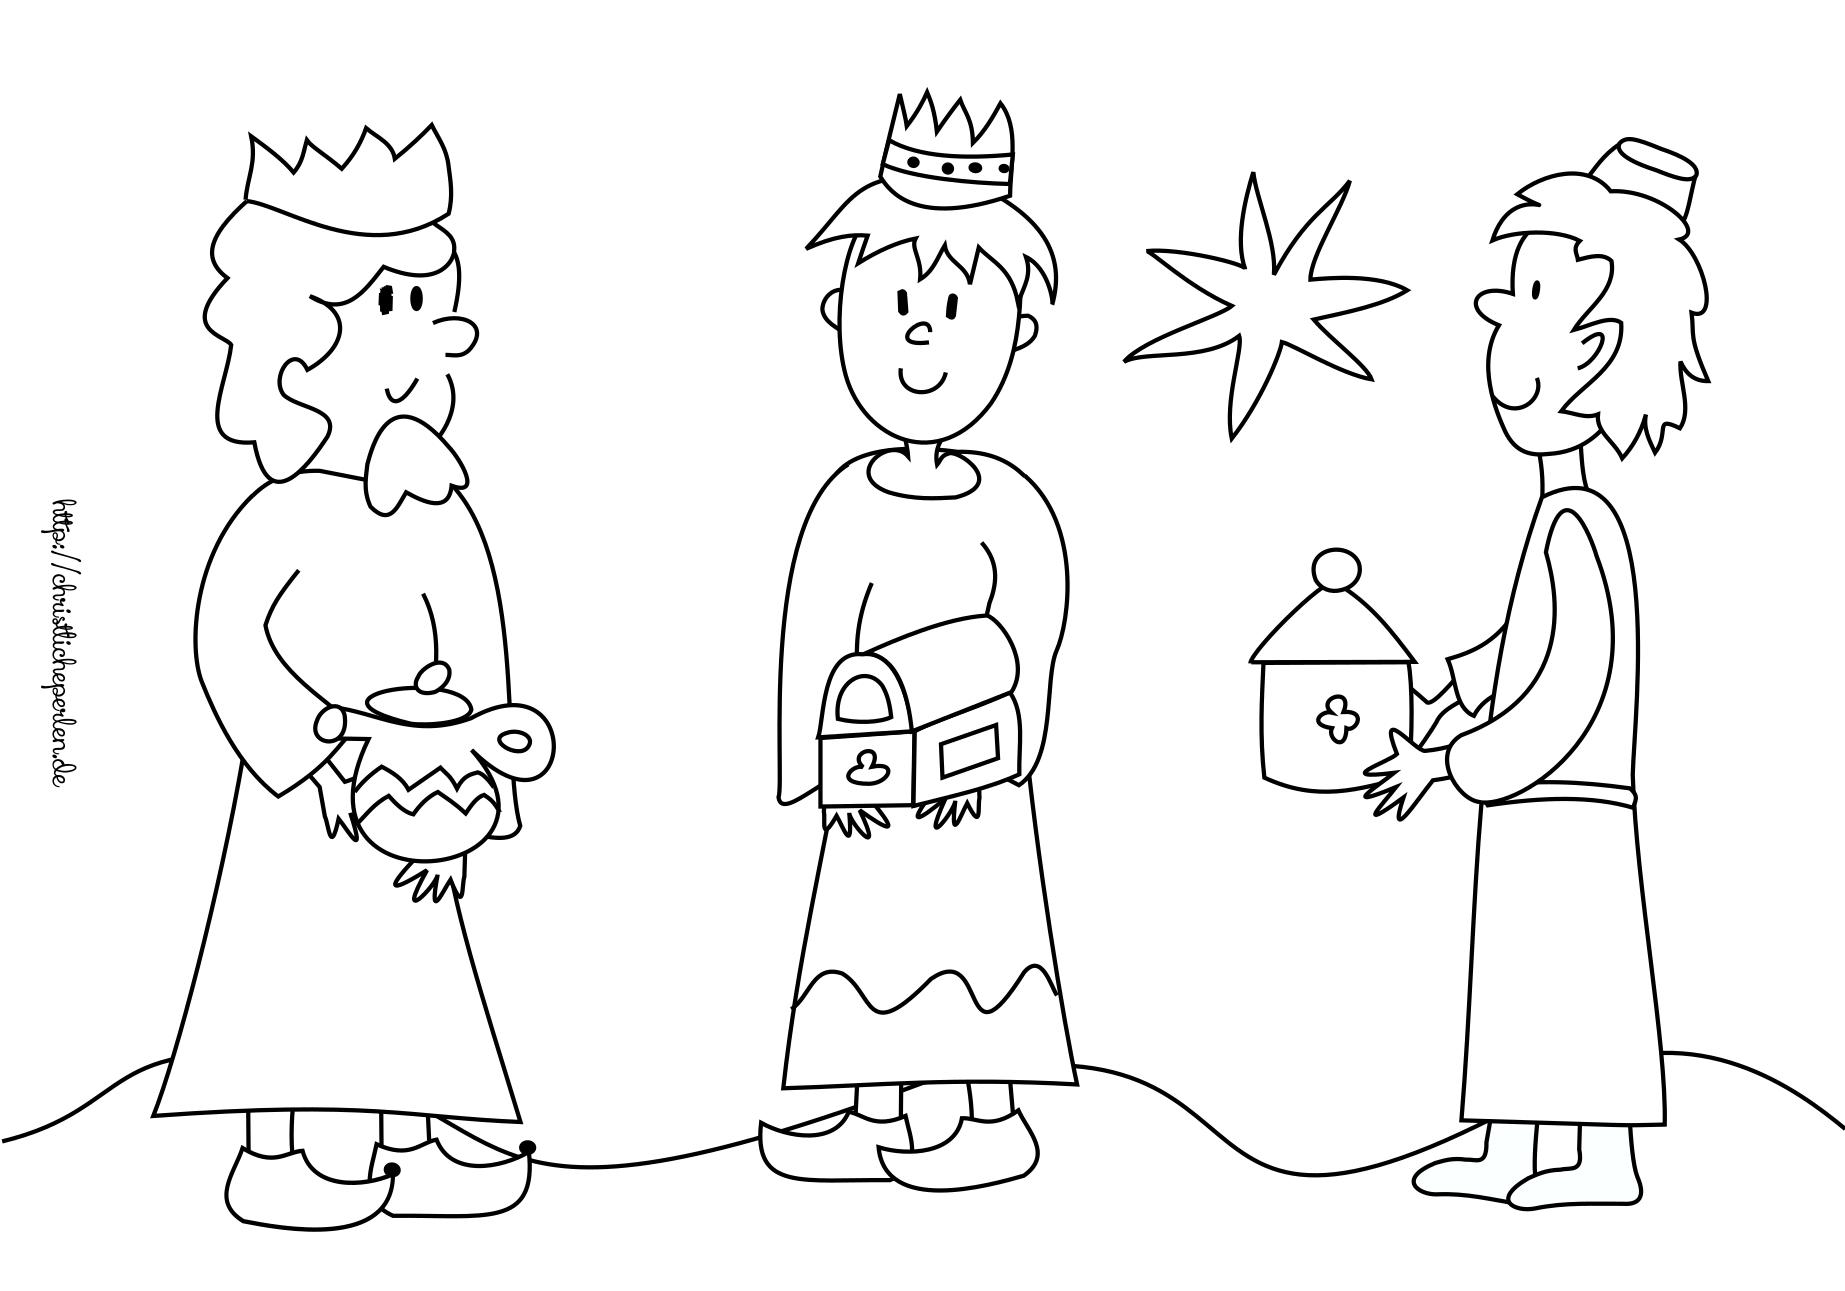 Ausmalbilder zu Weihnachten | Christliche Perlen